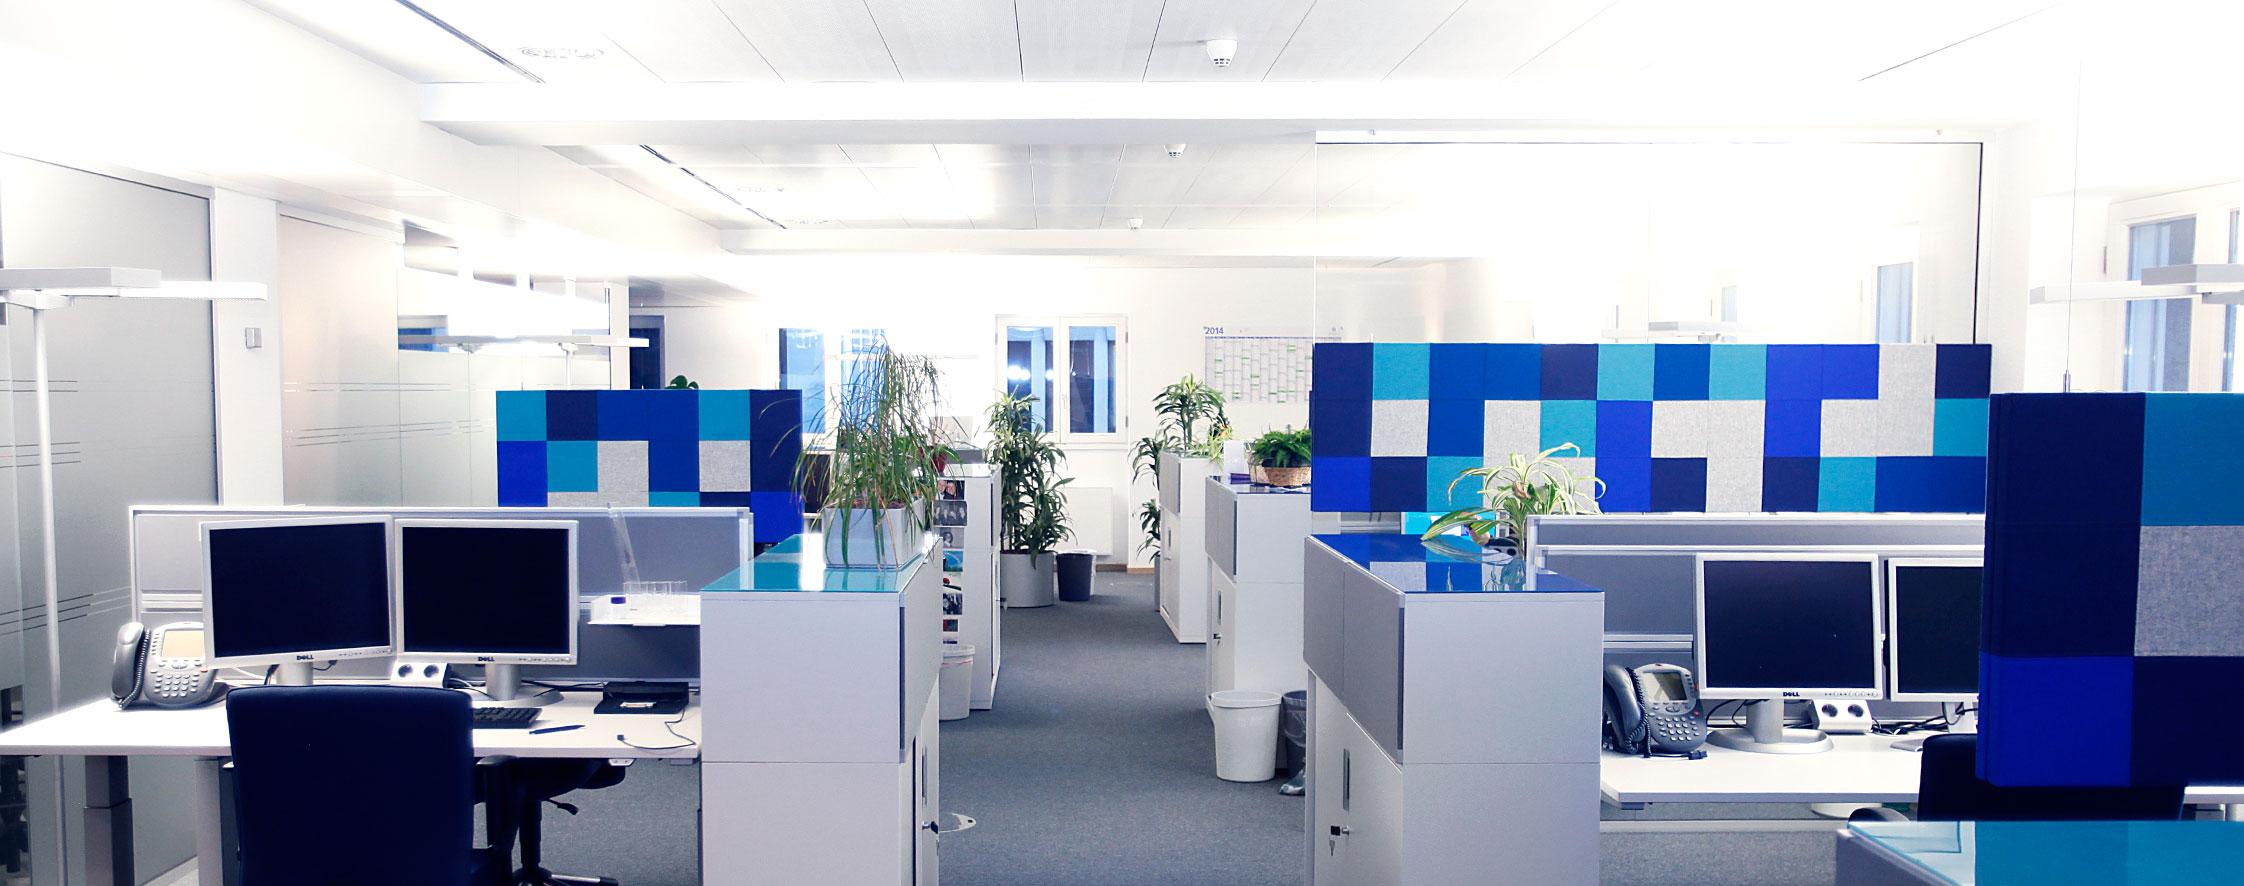 Der Raum behält sein durchlässiges Konzept, wirkt durch die frischen Farben sogar noch belebter.